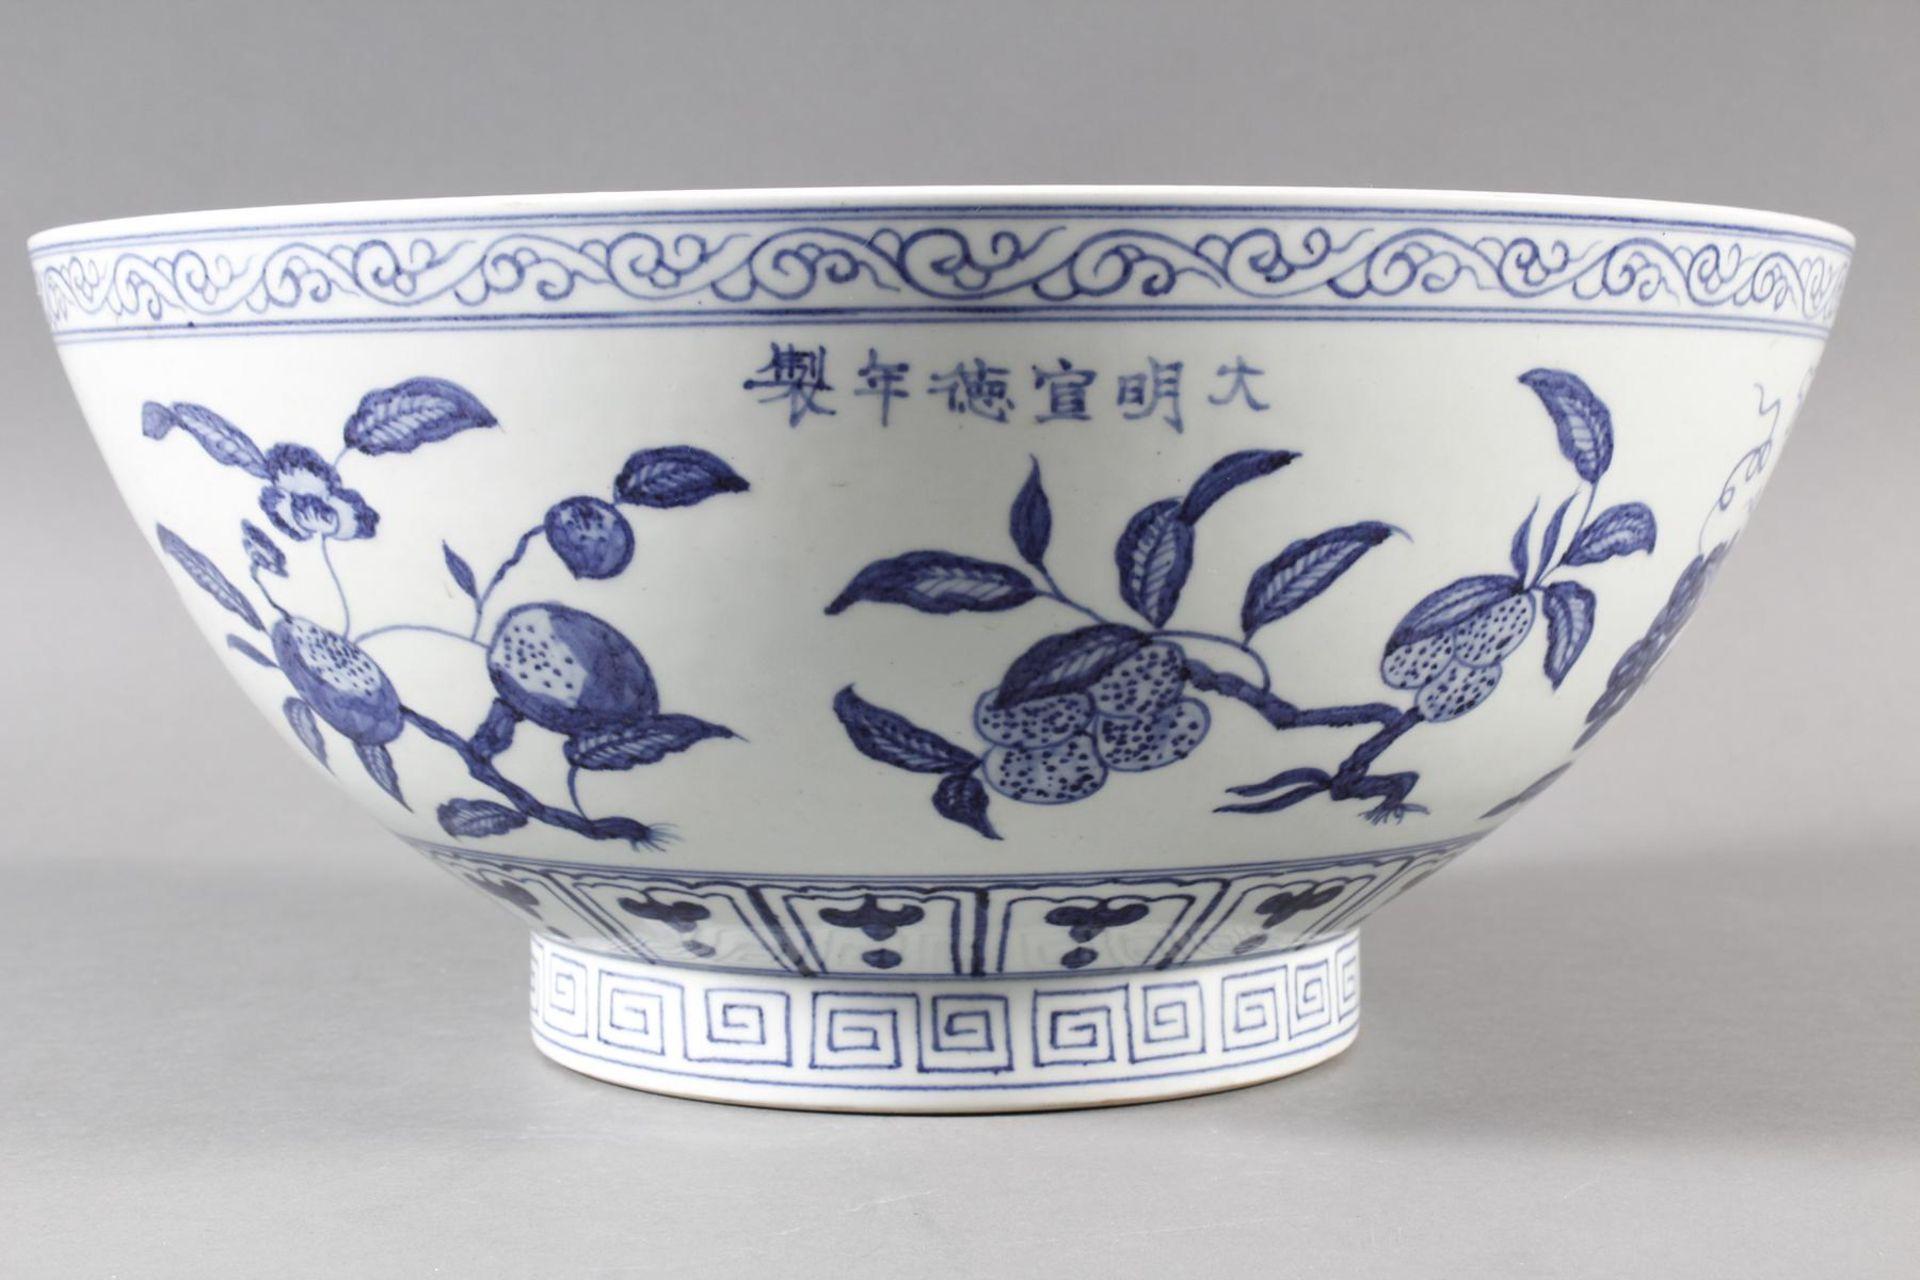 Große Porzellanschüssel, China, Hsüan-tê Marke - Bild 4 aus 17